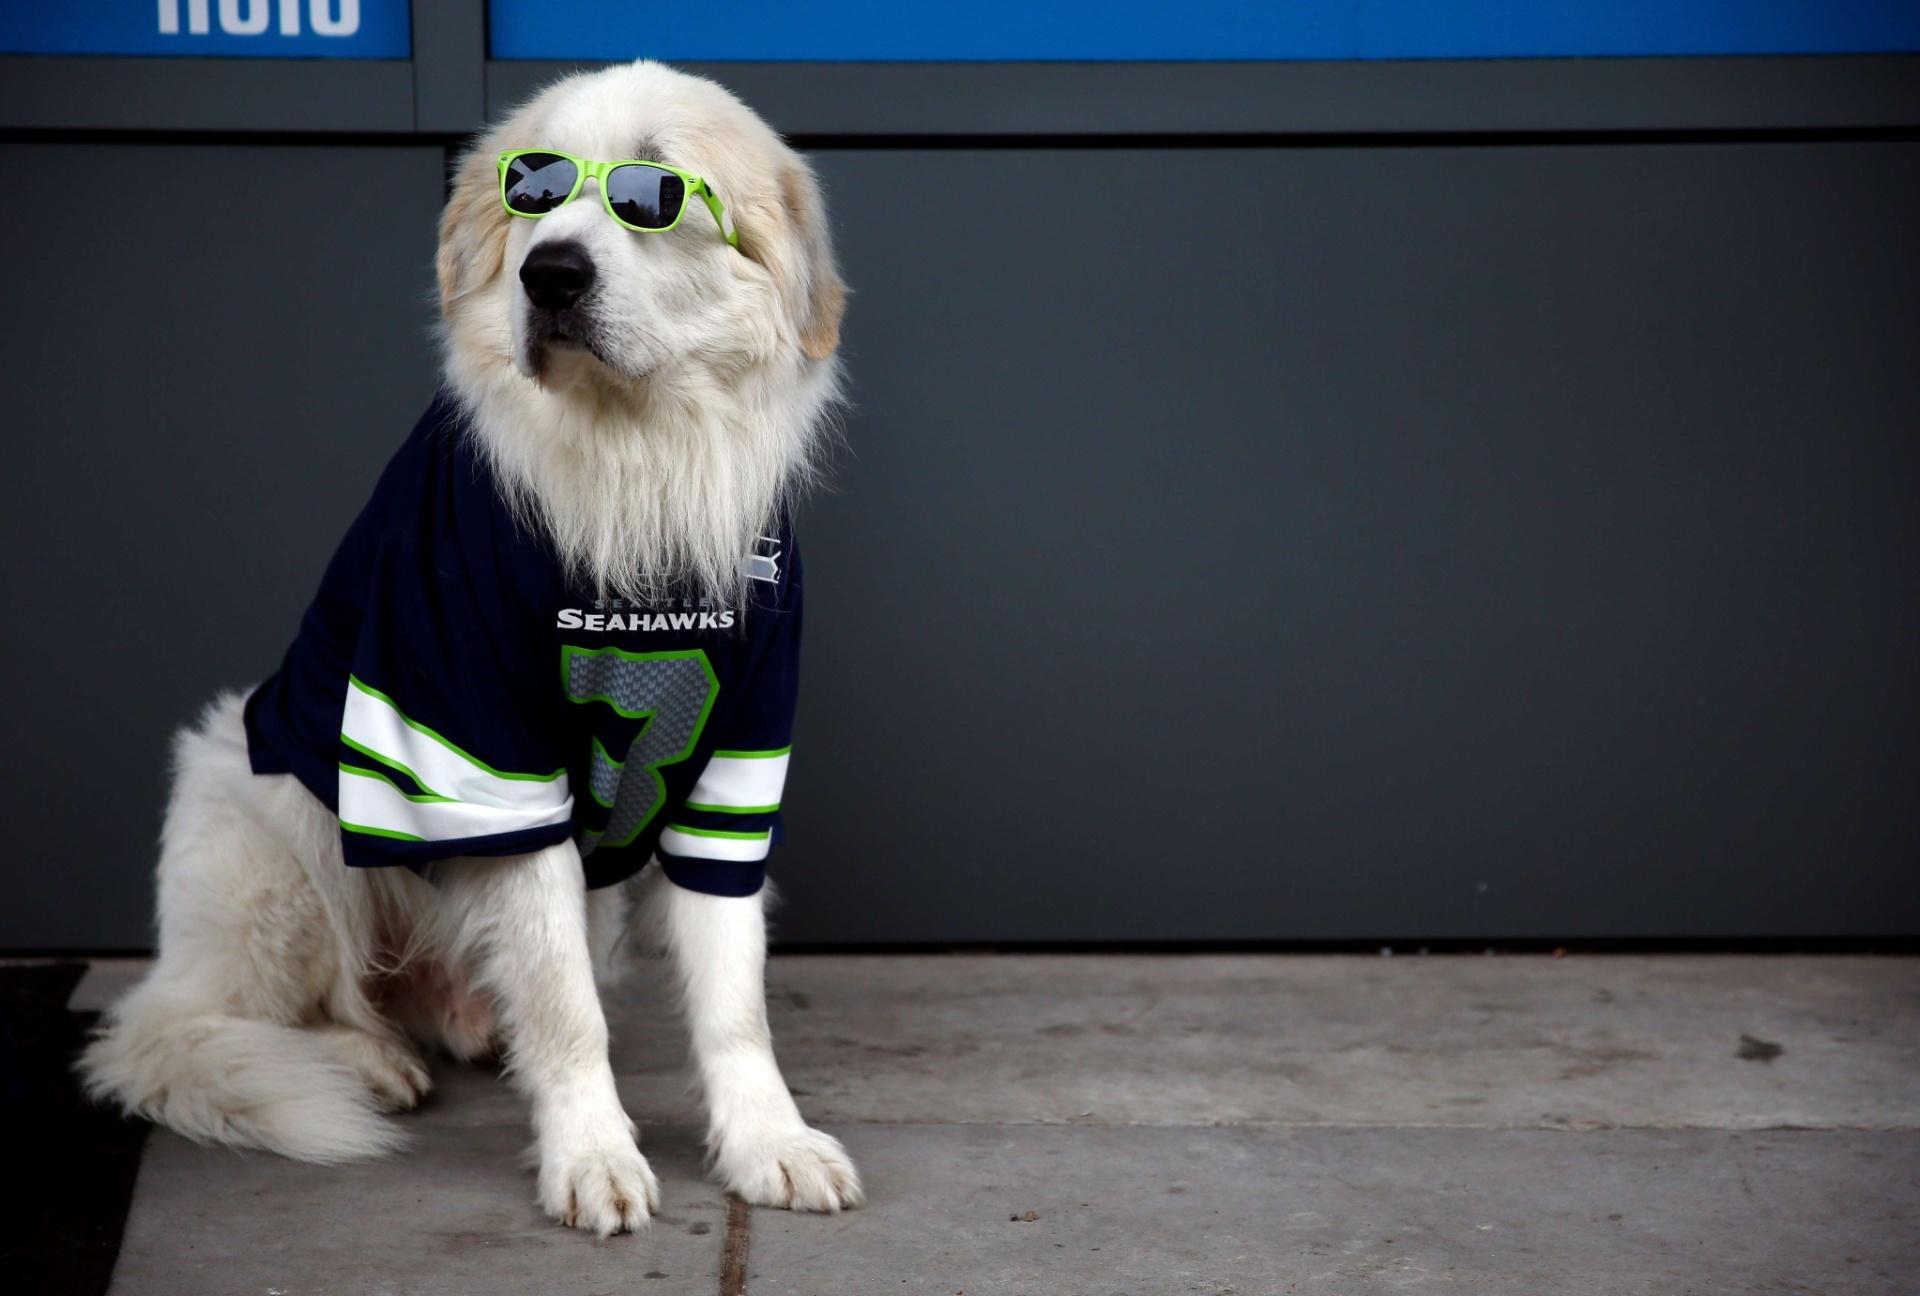 19.jan.2014 - Até cachorro é visto no estádio vestido a caráter para 'torcer' pelo Seattle Seahawks na final da conferência nacional da NFL